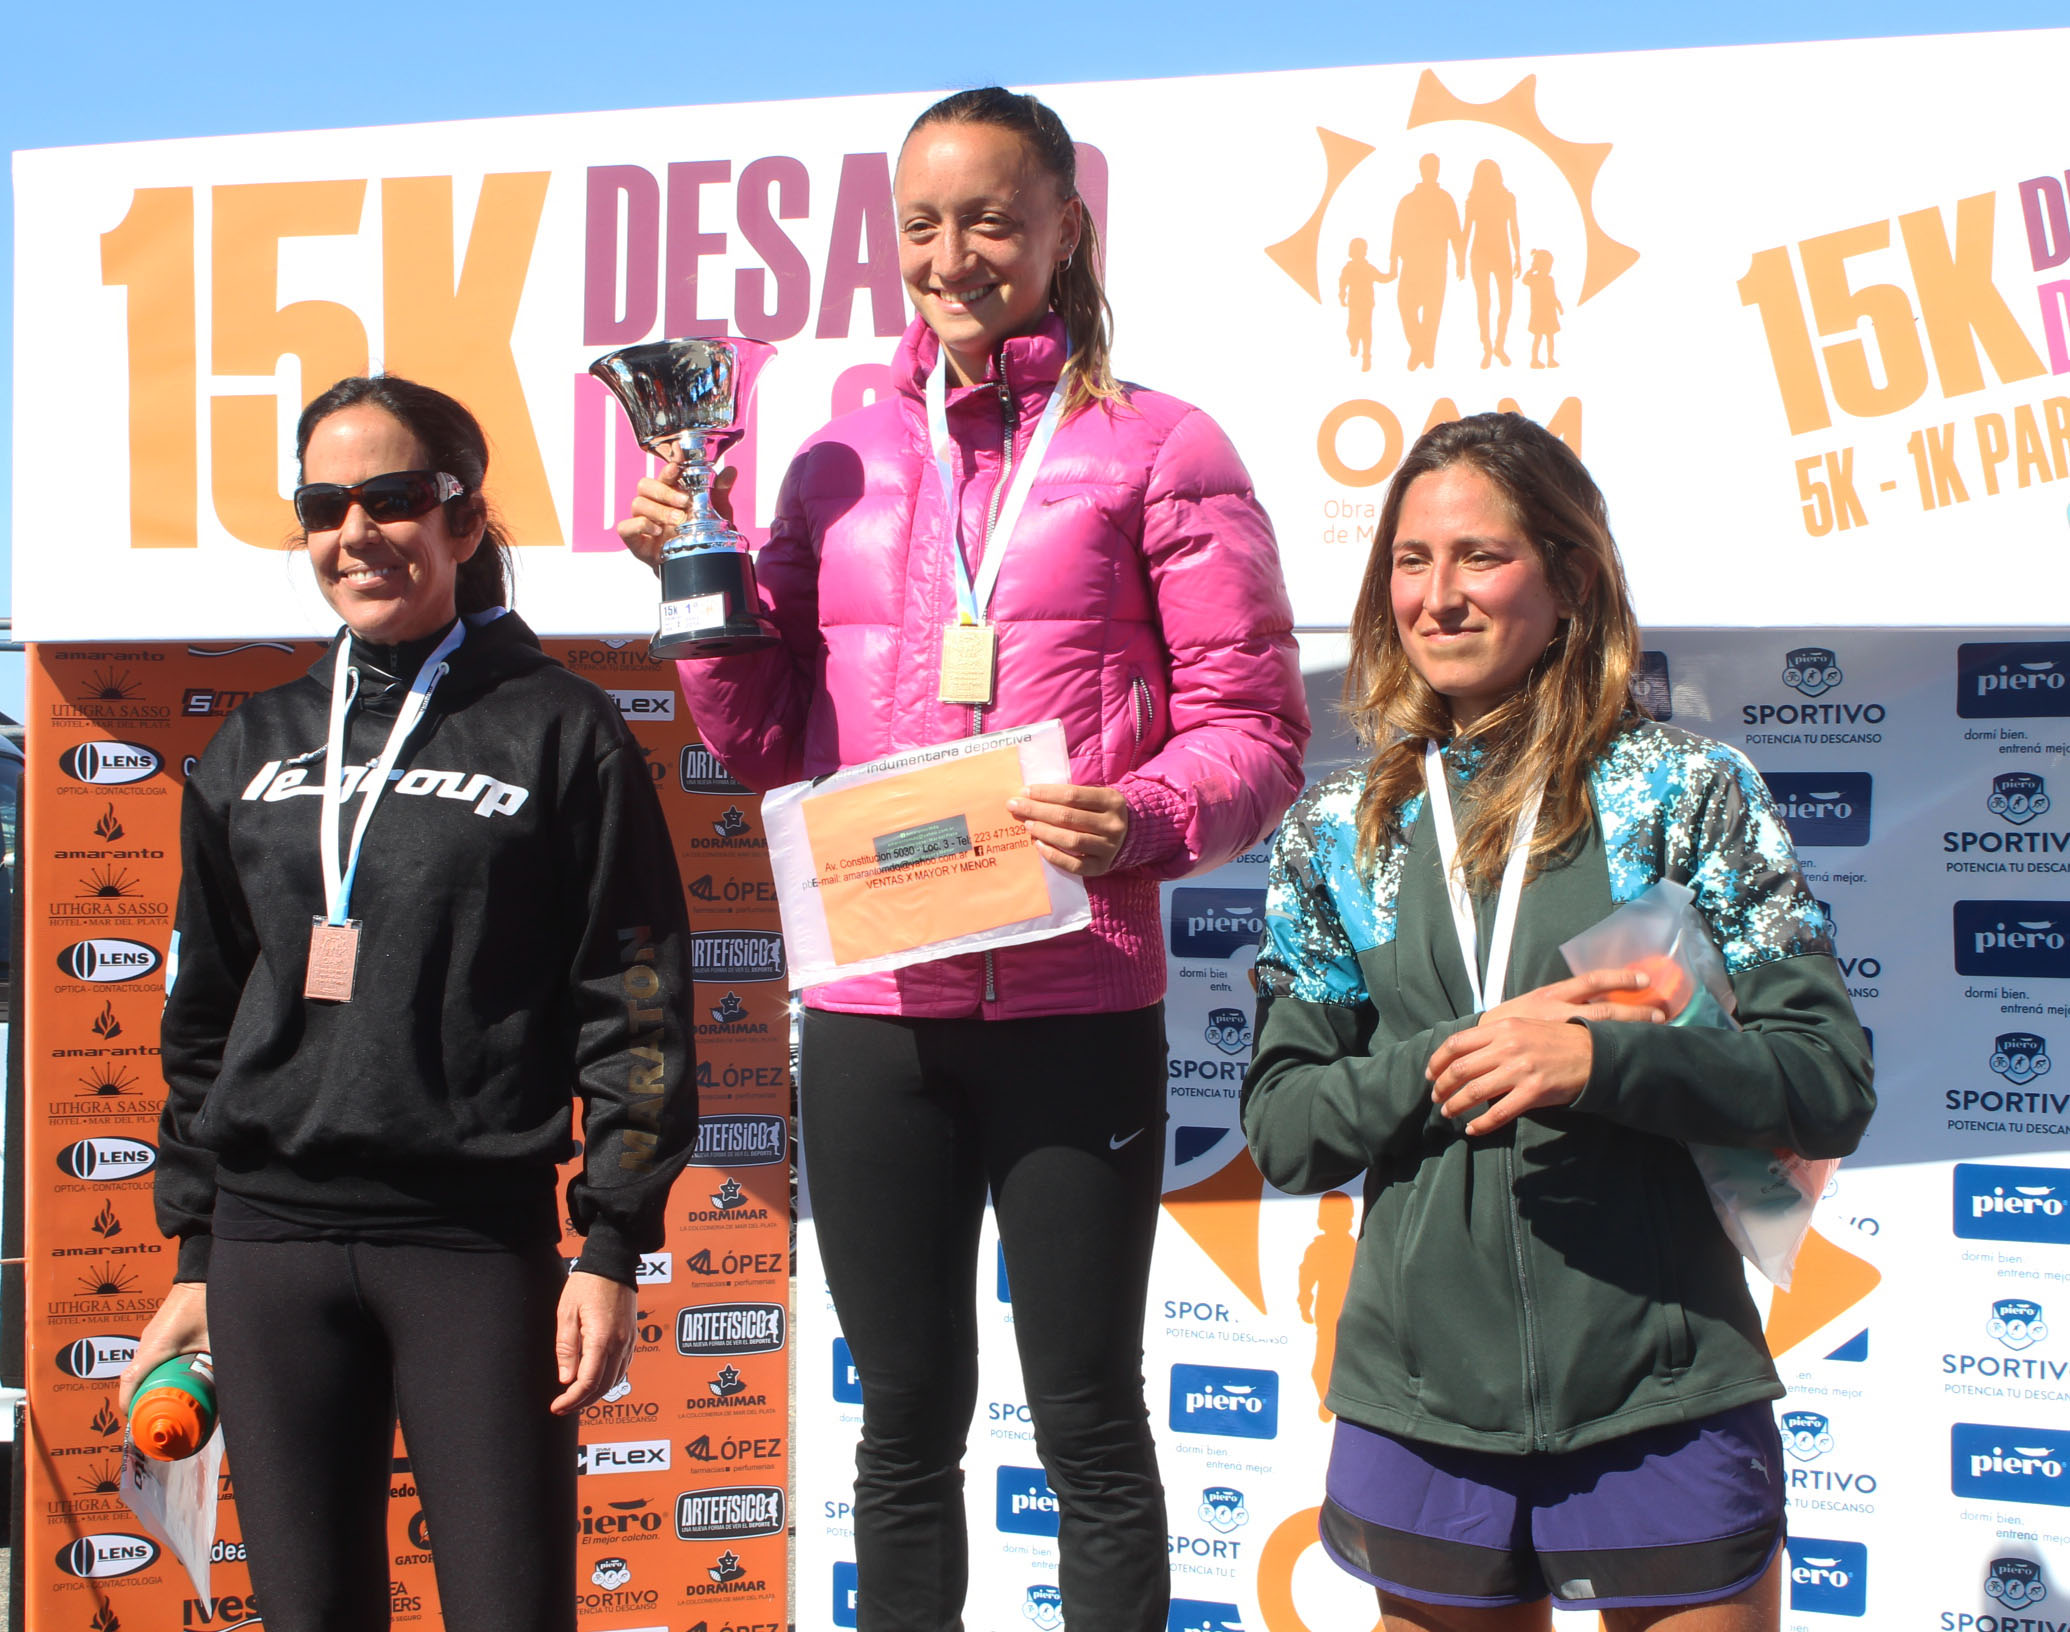 Mariana Borelli en lo más alto del podio femenino.